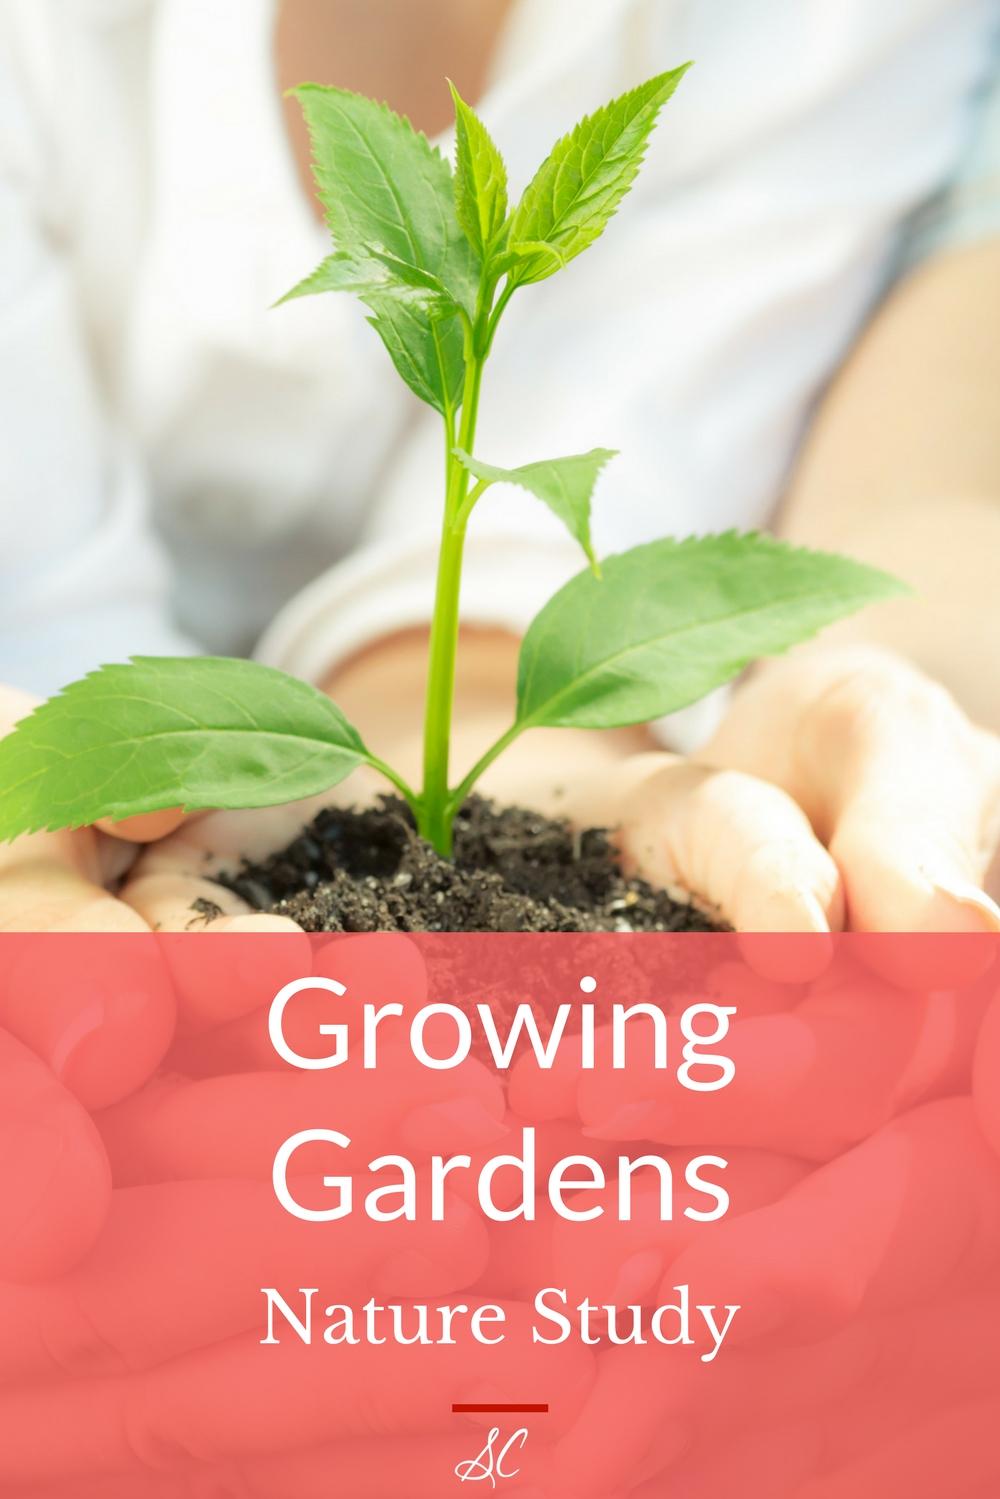 nature study growing gardens susan chrisman